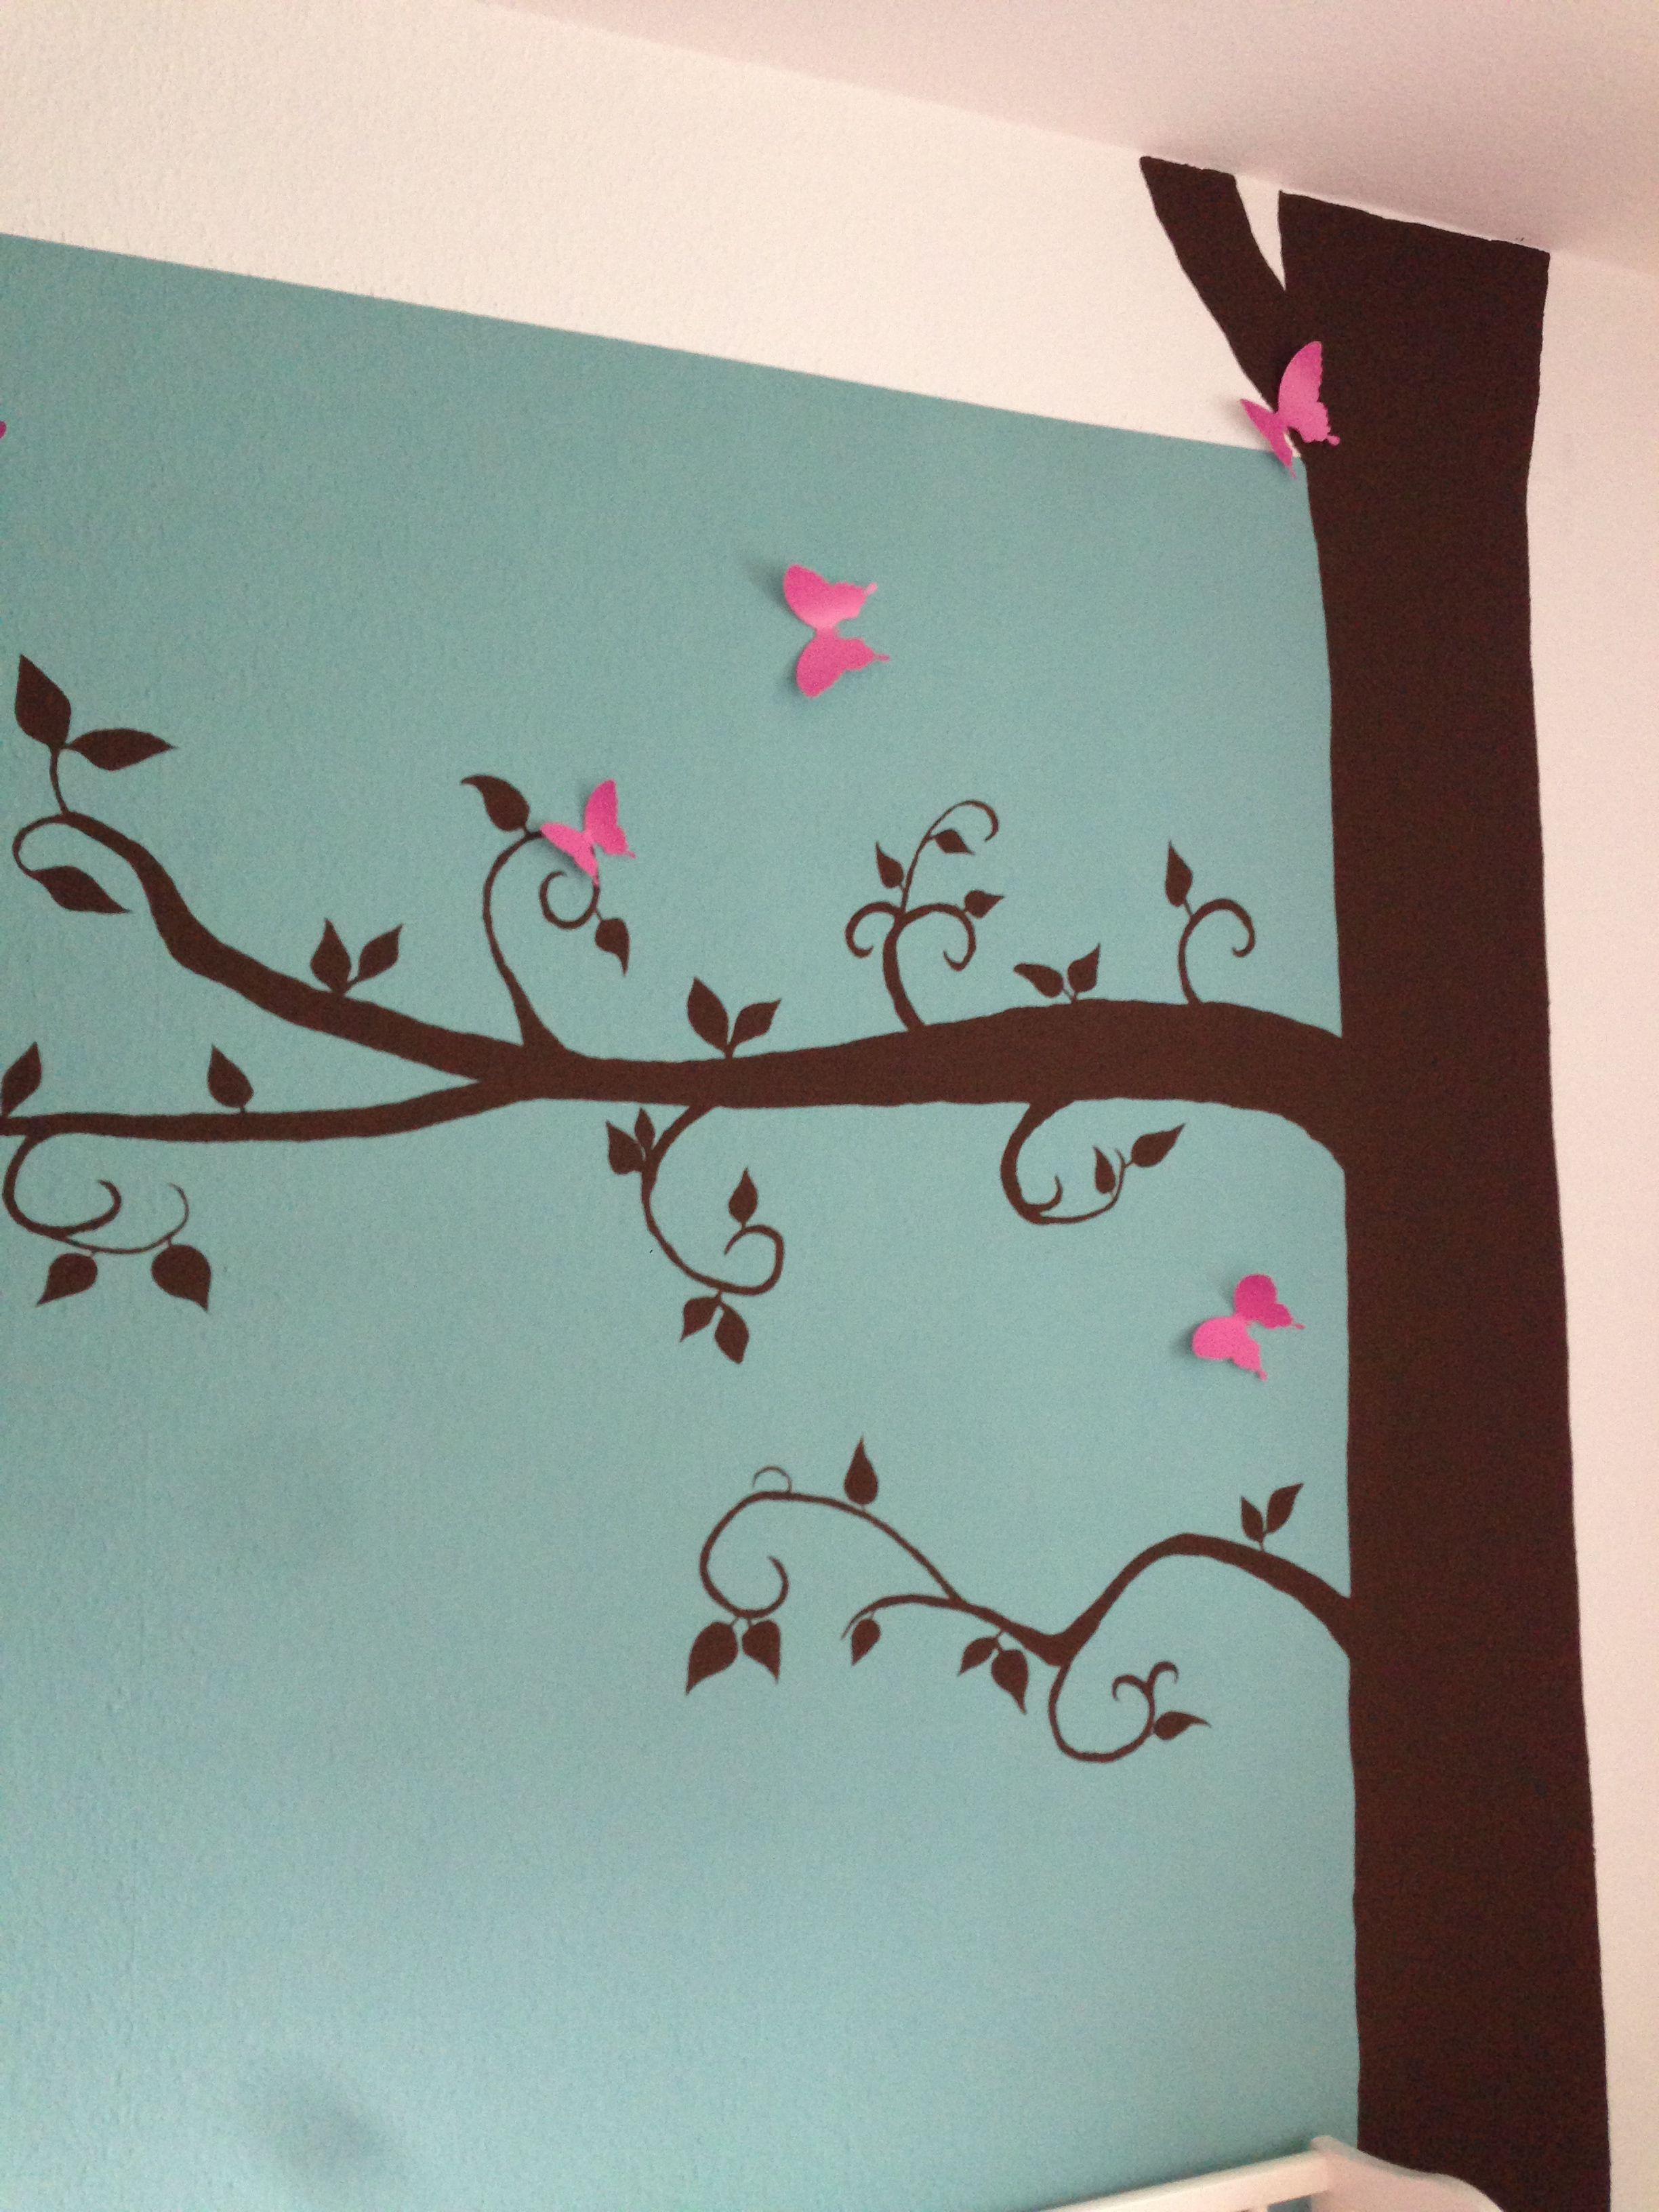 Wanddesign im Kinderzimmer